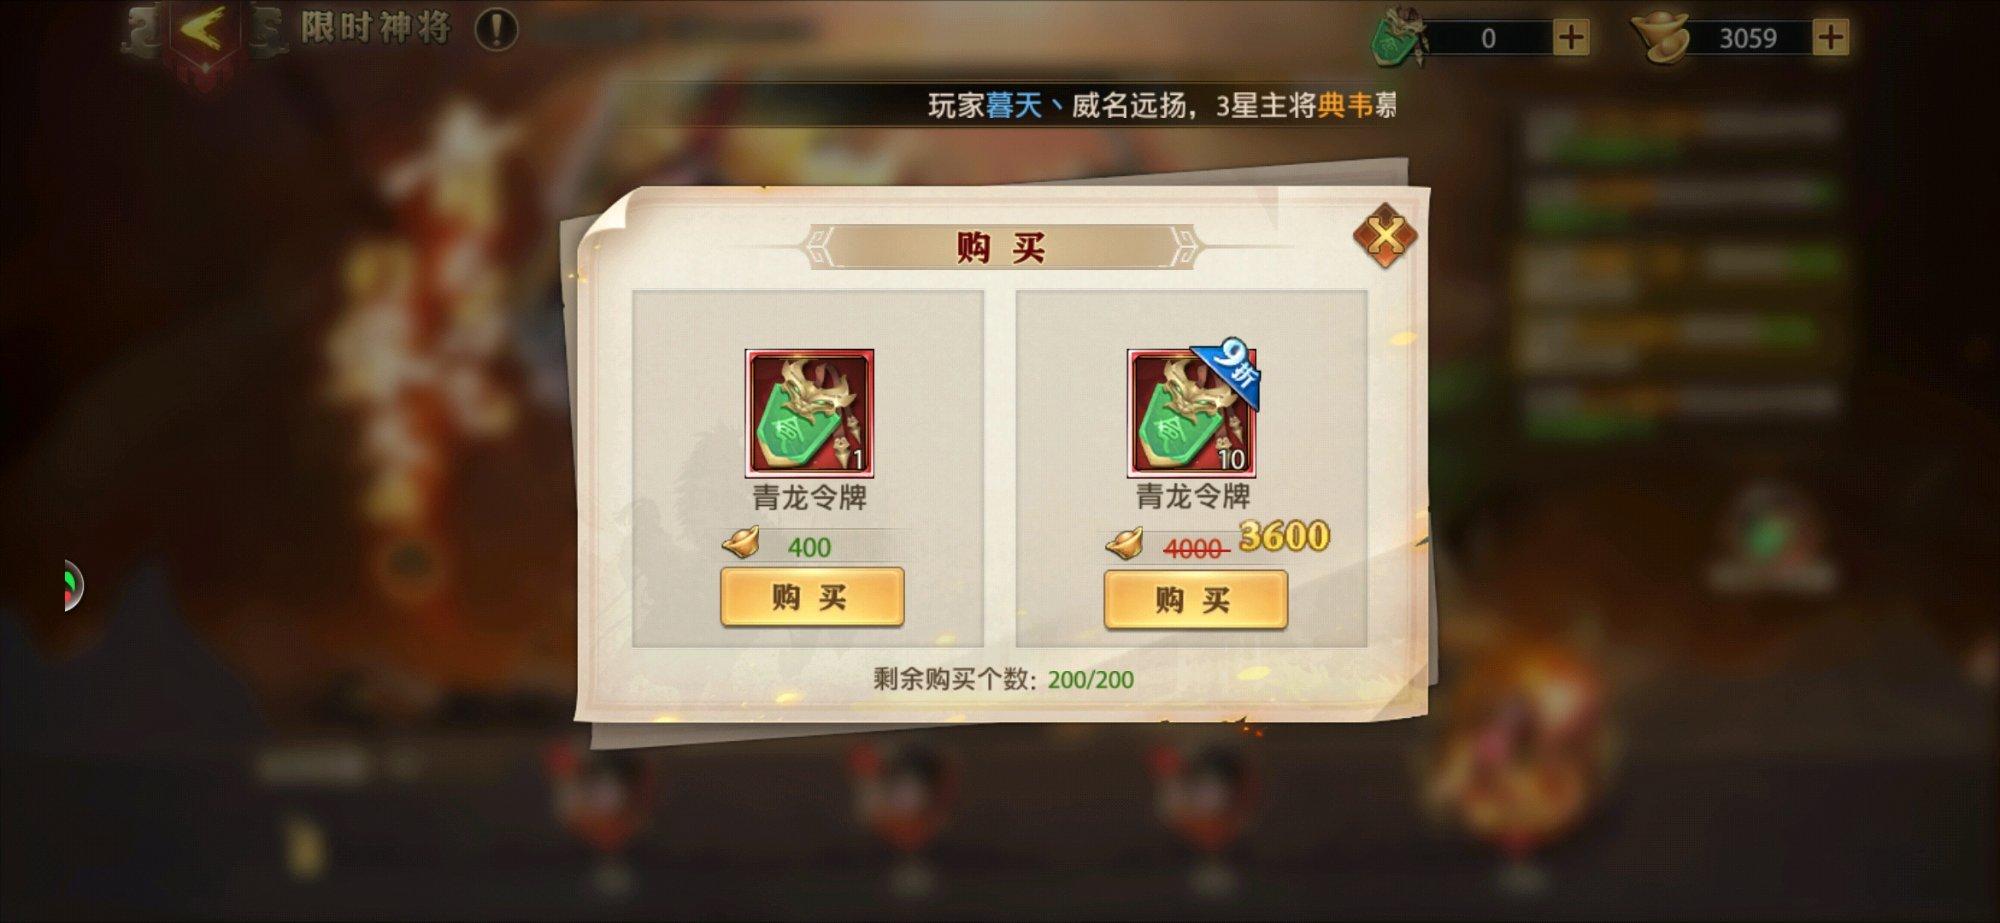 少年三国志零元宝用法和攒元宝攻略